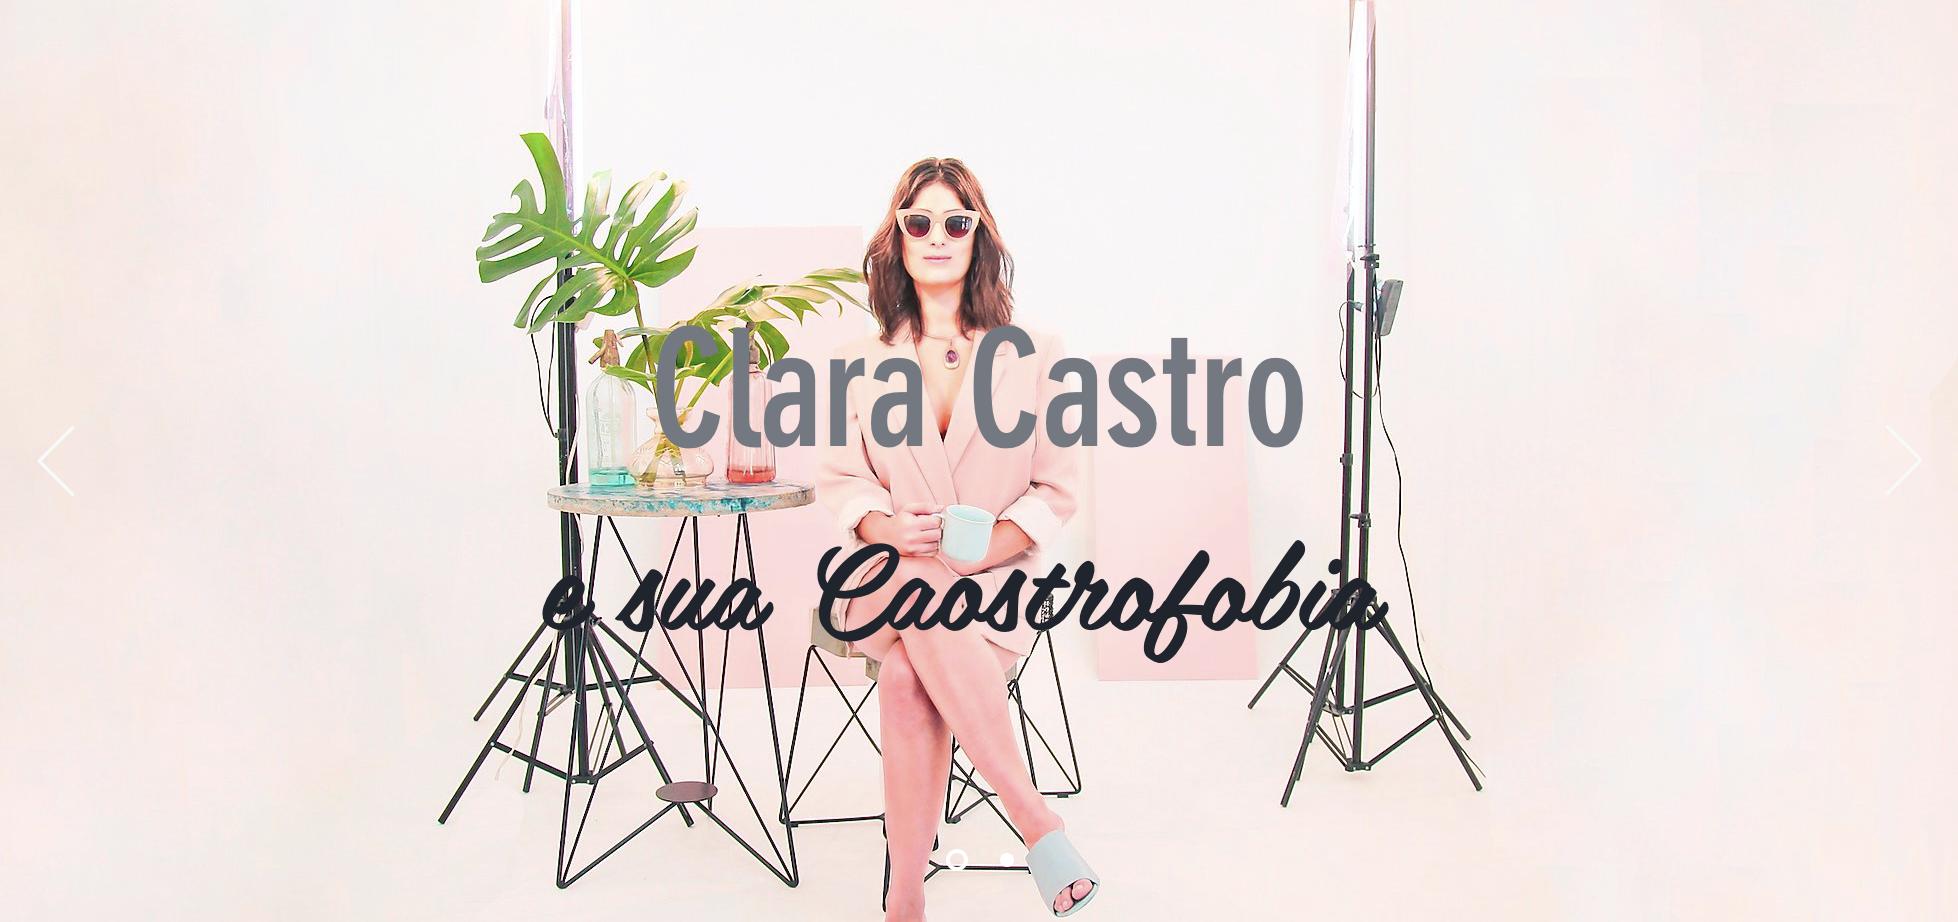 Clara Castro e sua Caostrofobia